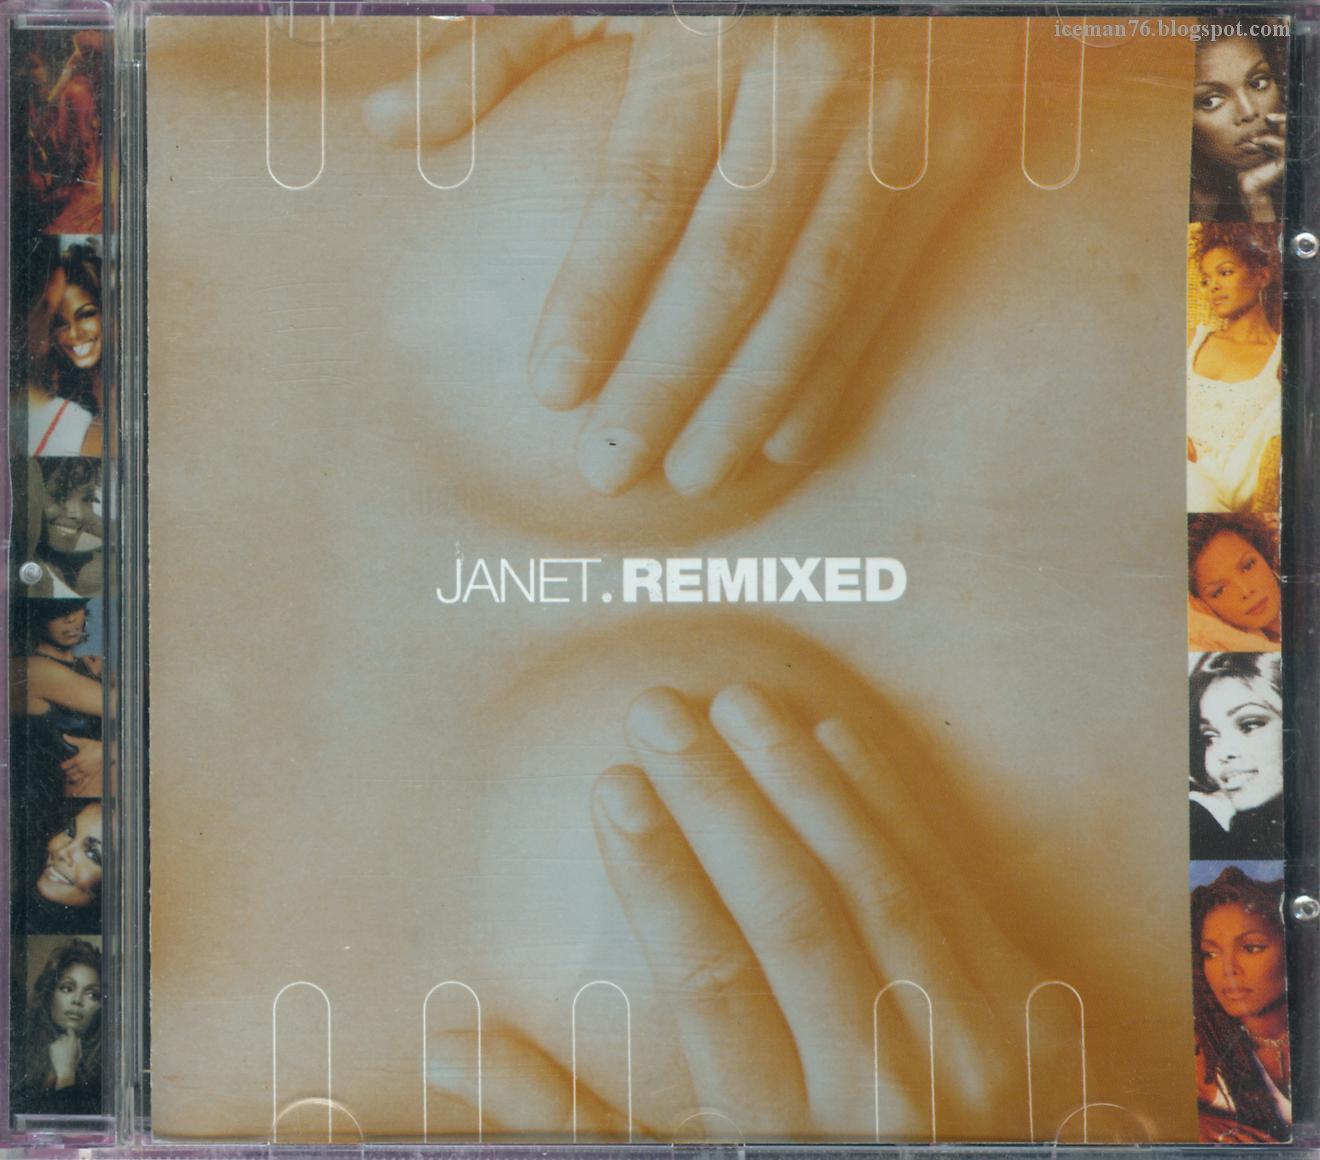 http://1.bp.blogspot.com/-wkrFn6nO8KE/Tf26VxNB-nI/AAAAAAAABR8/kPUcGUDO7Hw/s1600/janet+jackson+-+janet+remixed.jpg